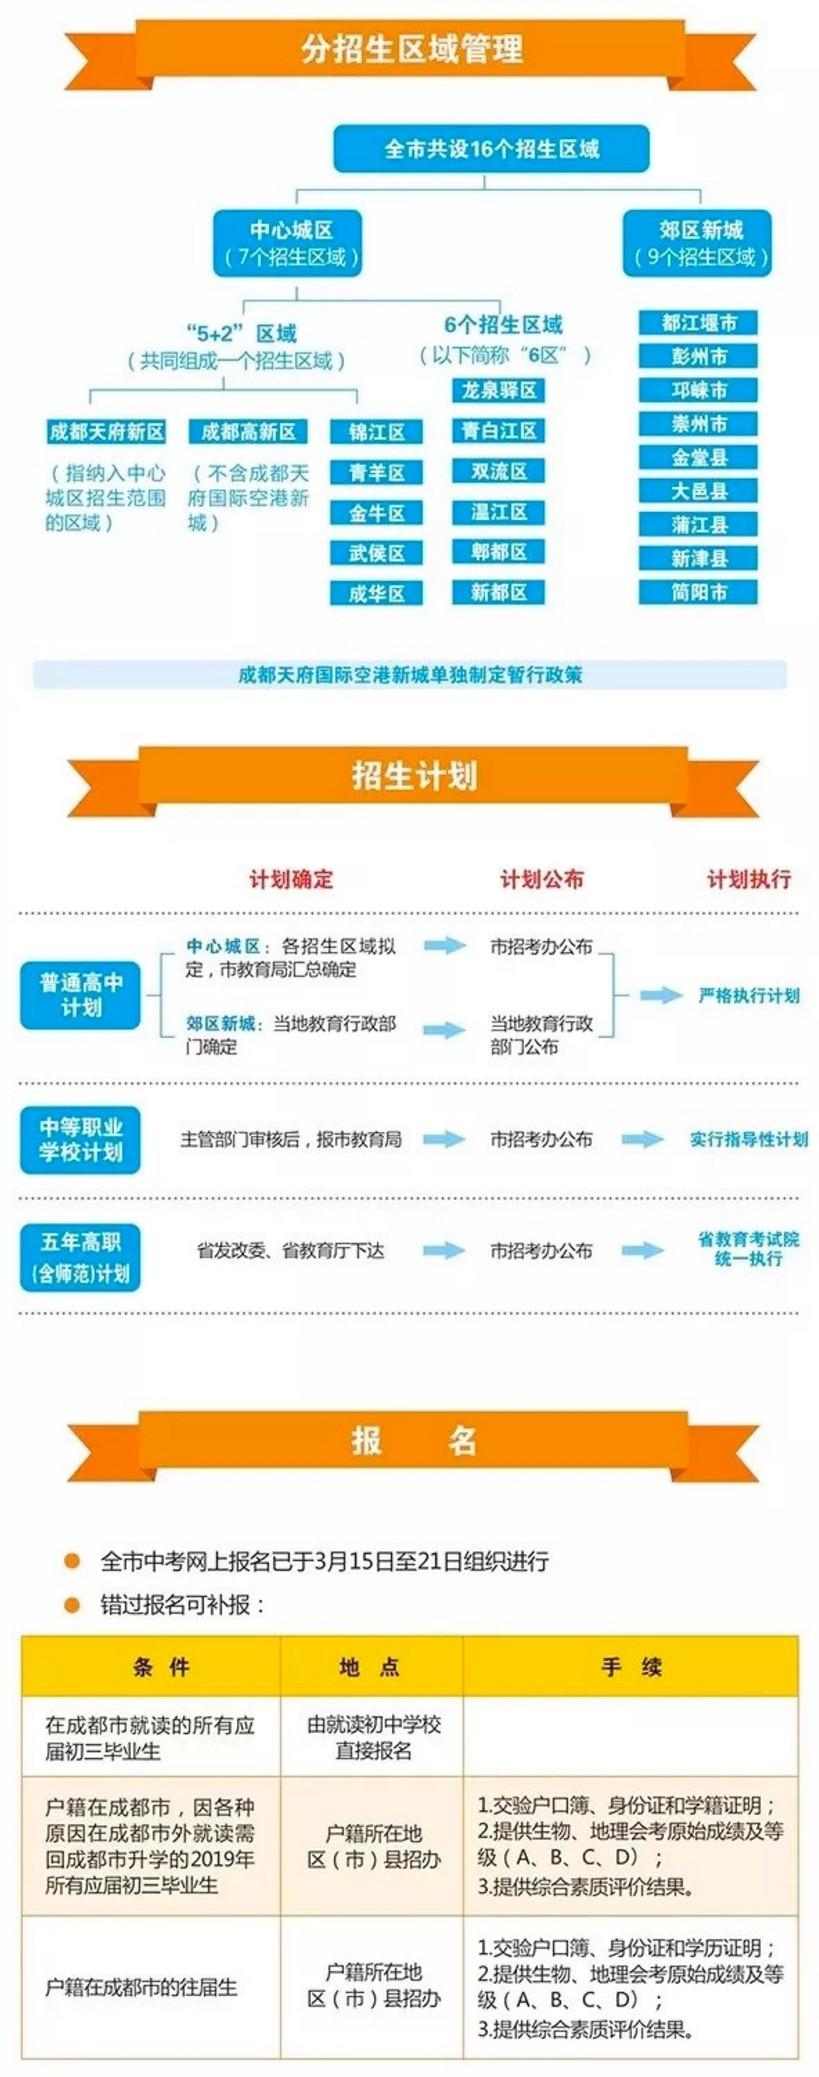 2019成都市中考统一招生实施政策公告(图片版)